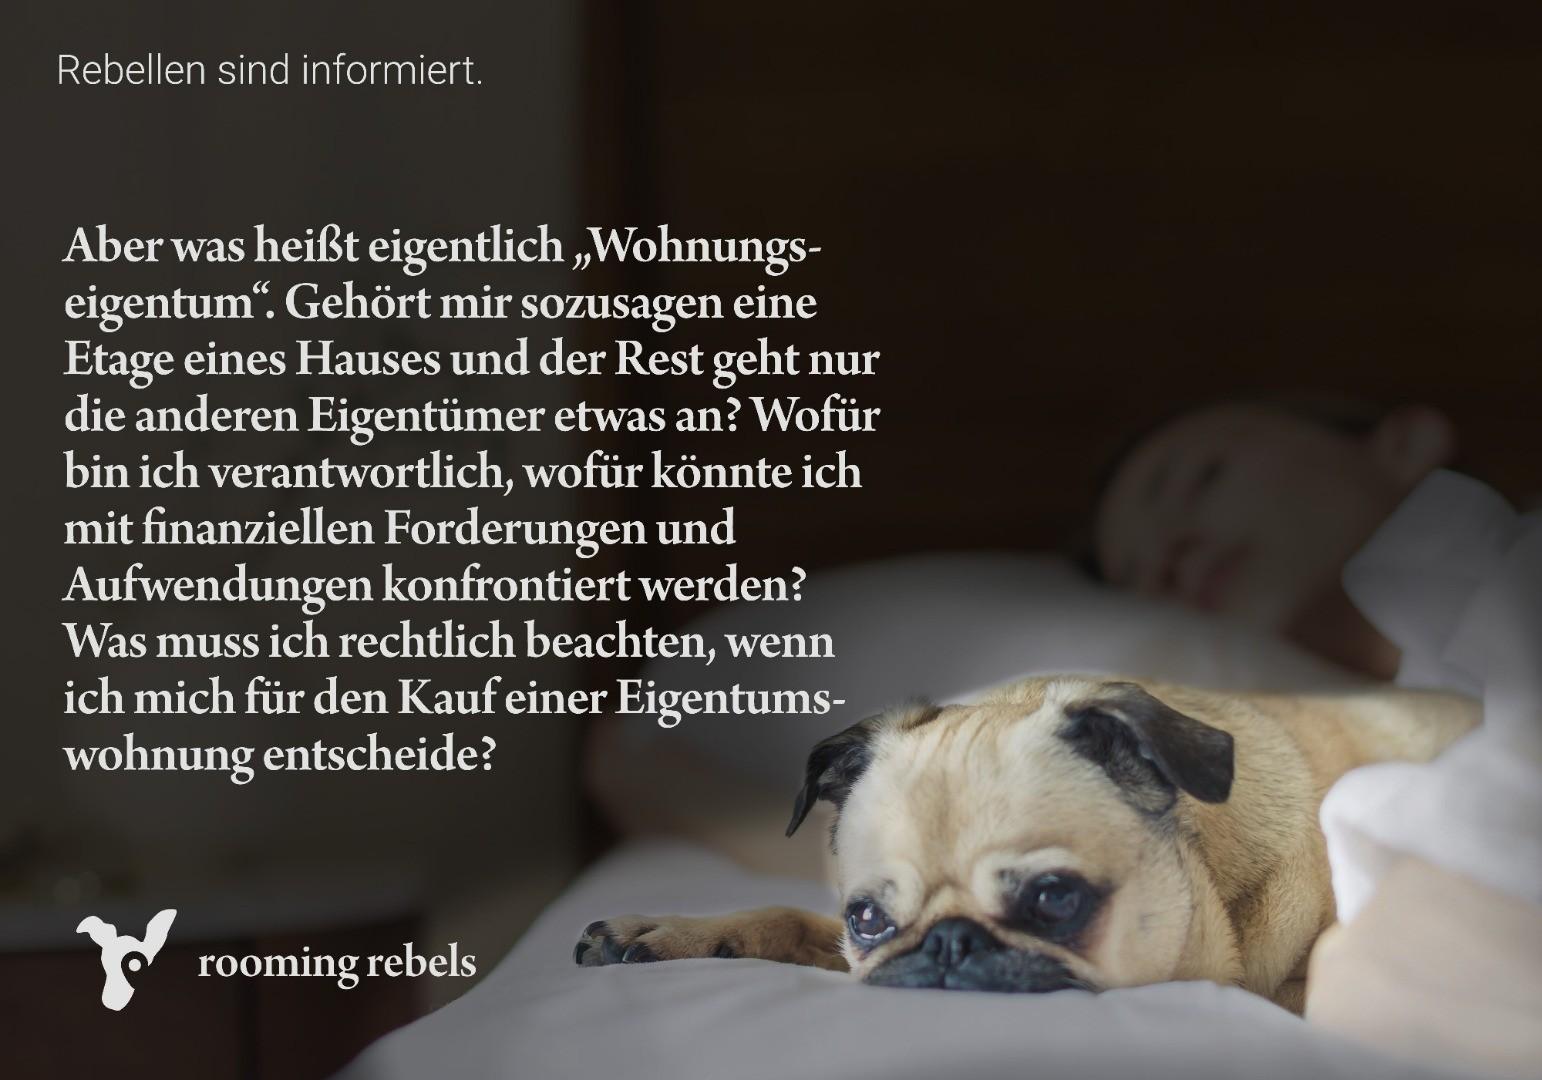 rebellen-sind-informiert_mietrecht_2019.02_a.jpg